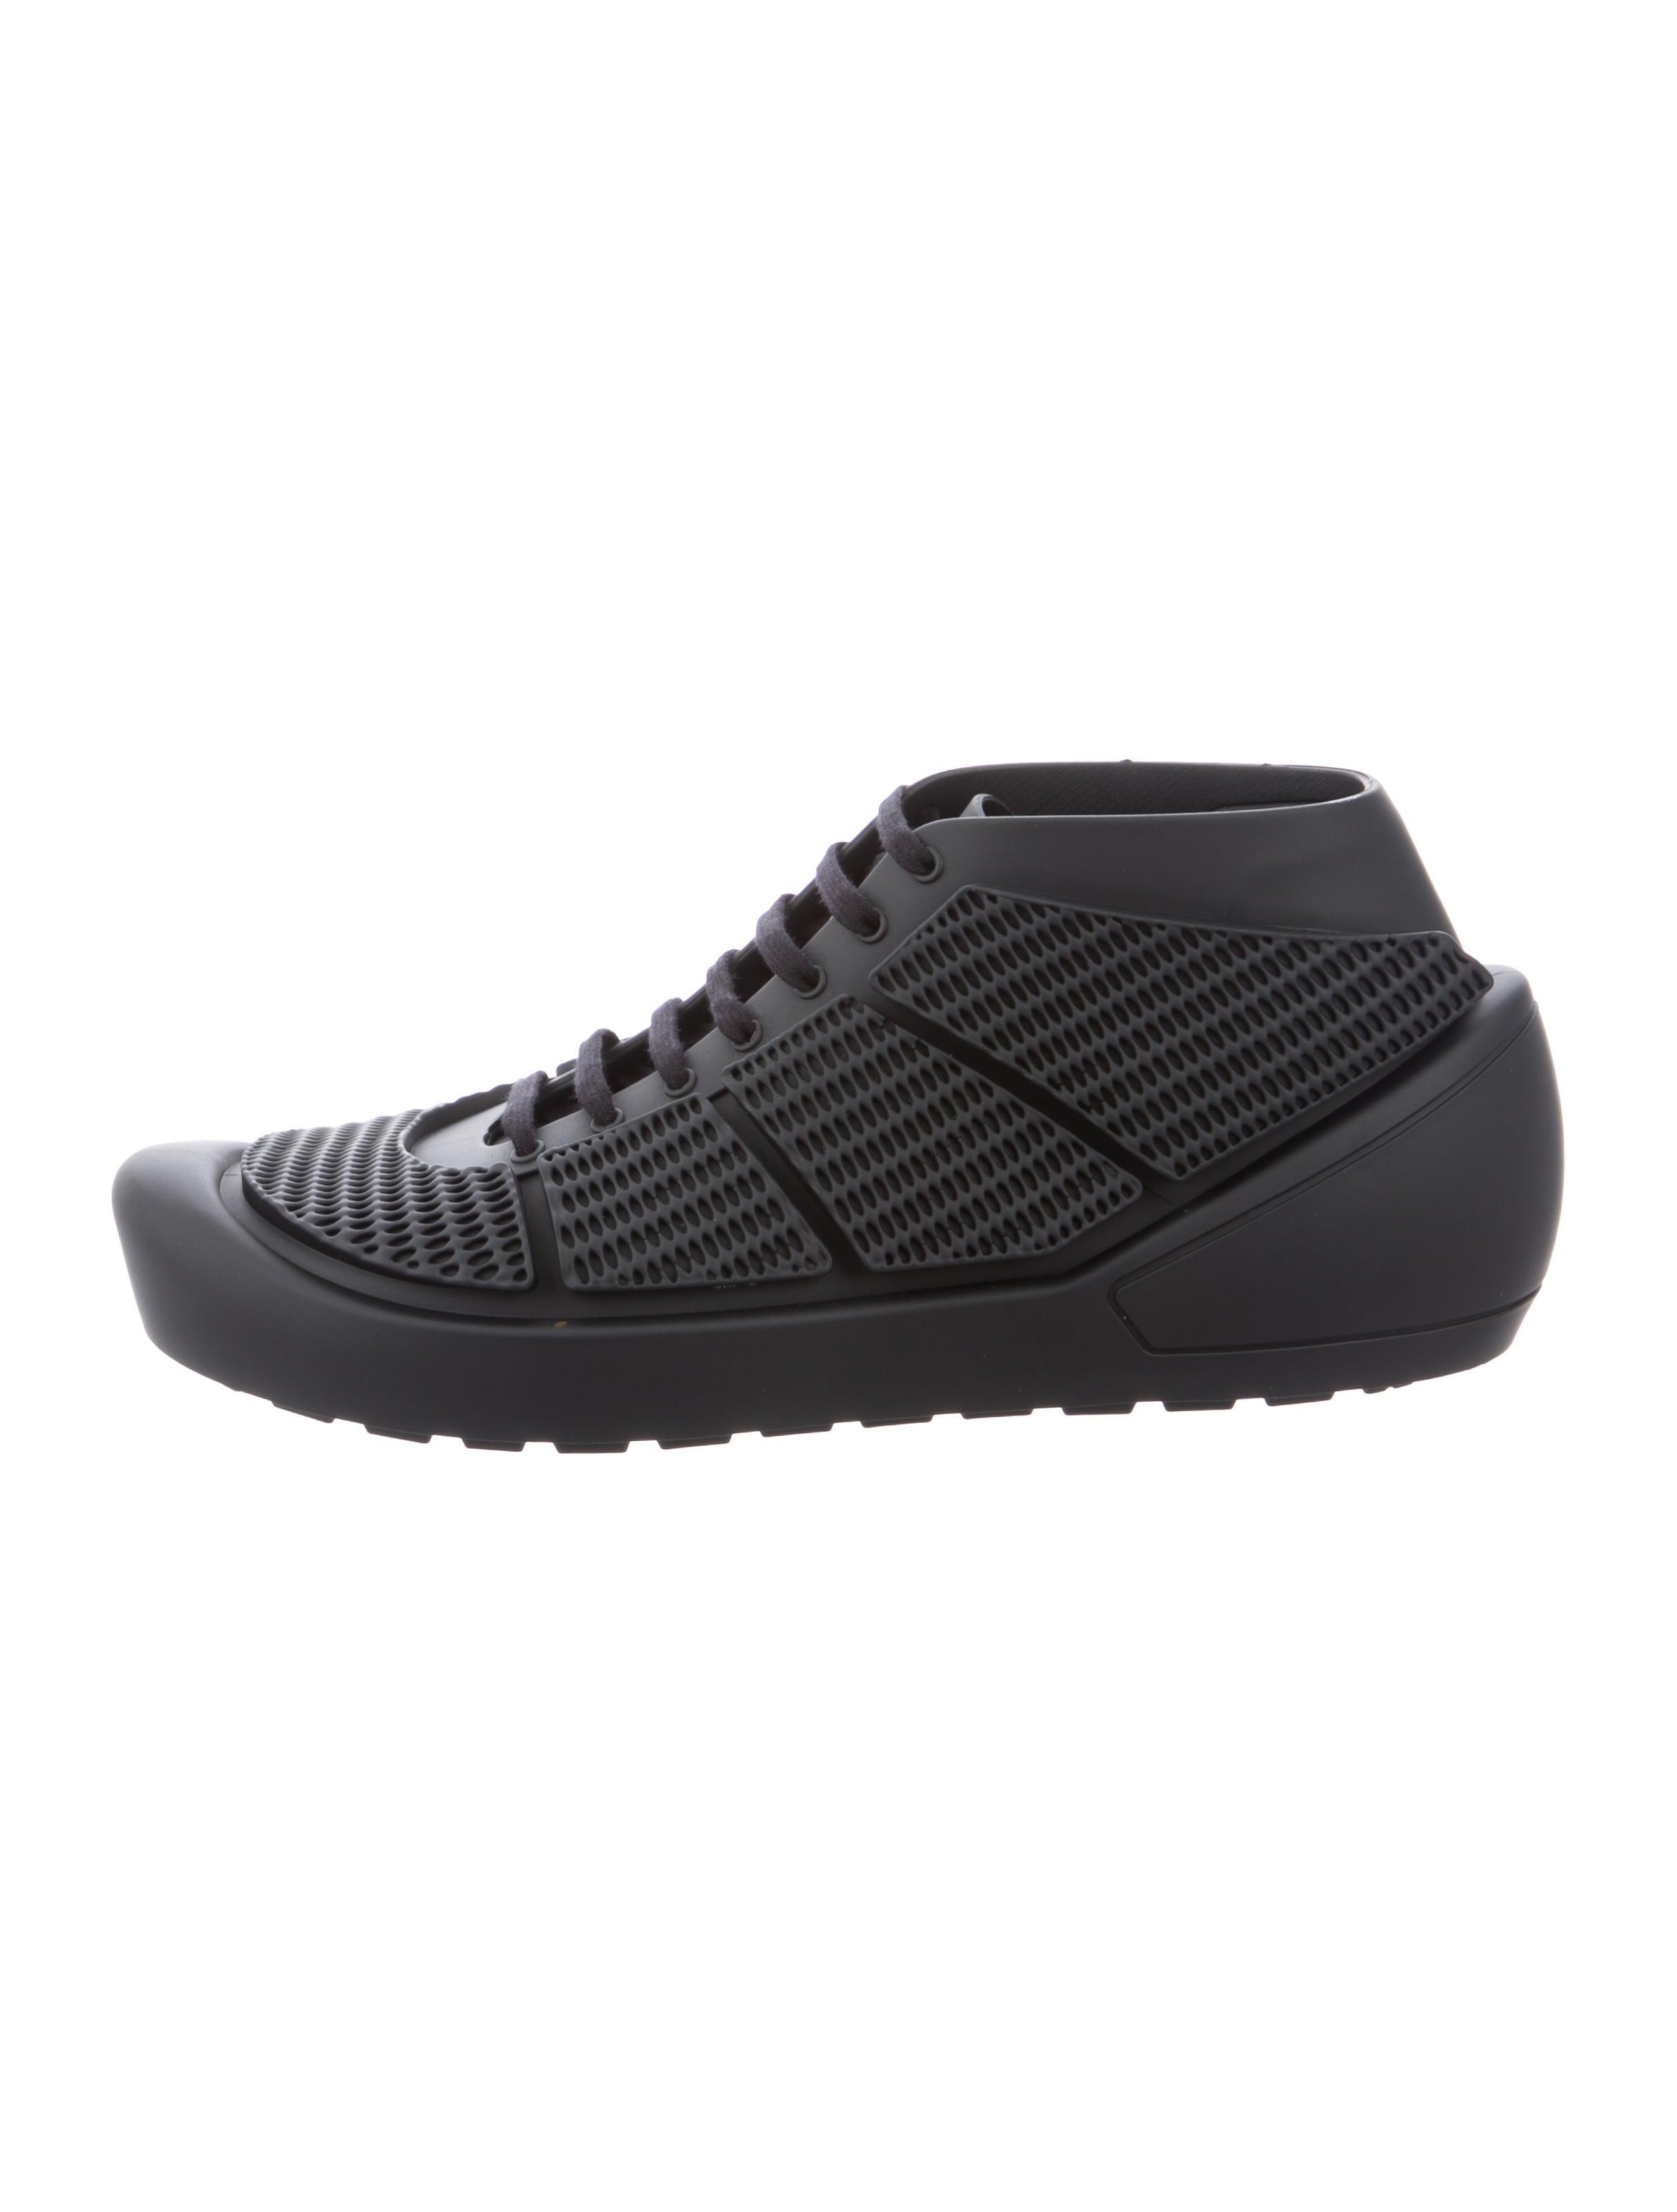 9dd01b23302c12 Comme des Garçons Homme Plus x Melissa 2018 Rubber Sneakers w  Tags ...